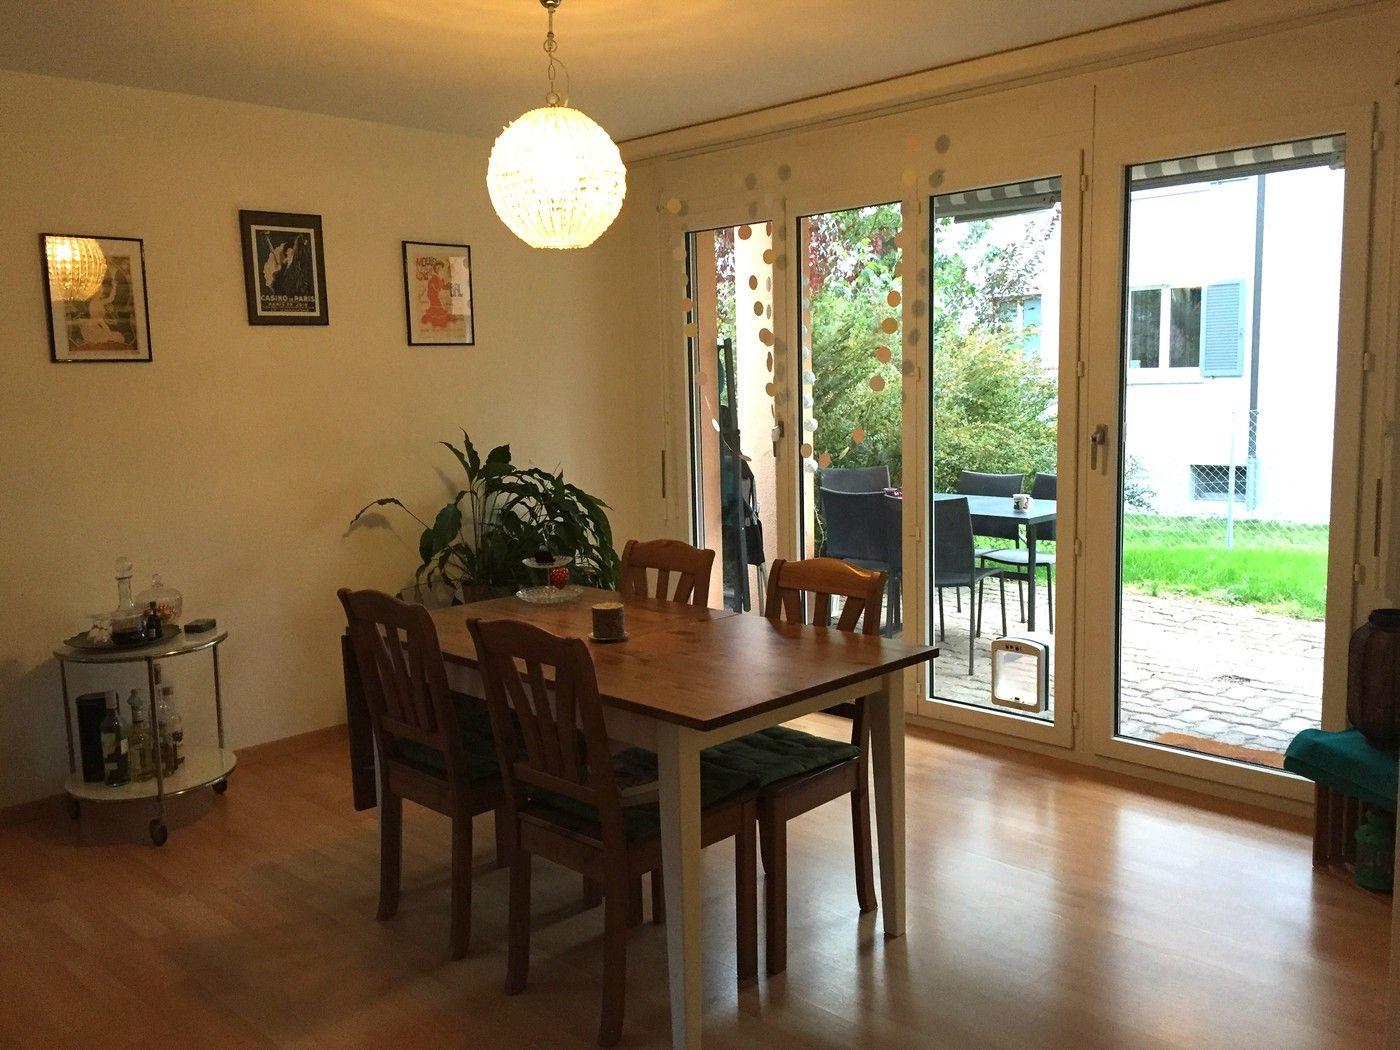 Gunstige 2 5 Zimmer Wohnung In Zurich Zu Vermieten Https Flatfox Ch De 5439 Utm Source Pinterest Utm Medium Social Utm Co Wohnung Wohnung Mieten Zimmer